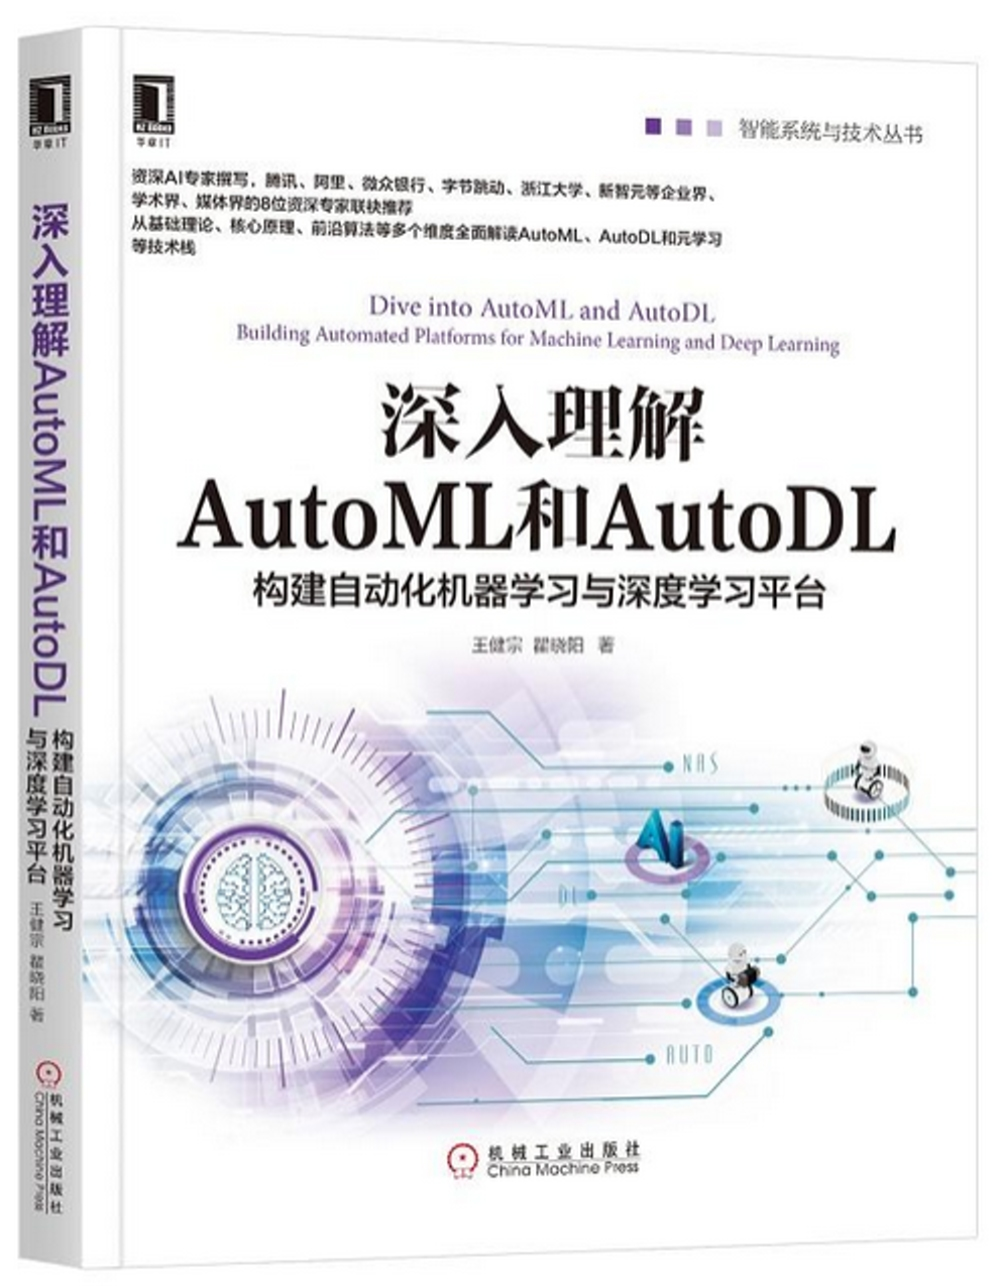 深入理解AutoML和AutoDL:構建自動化機器學習與深度學習平臺